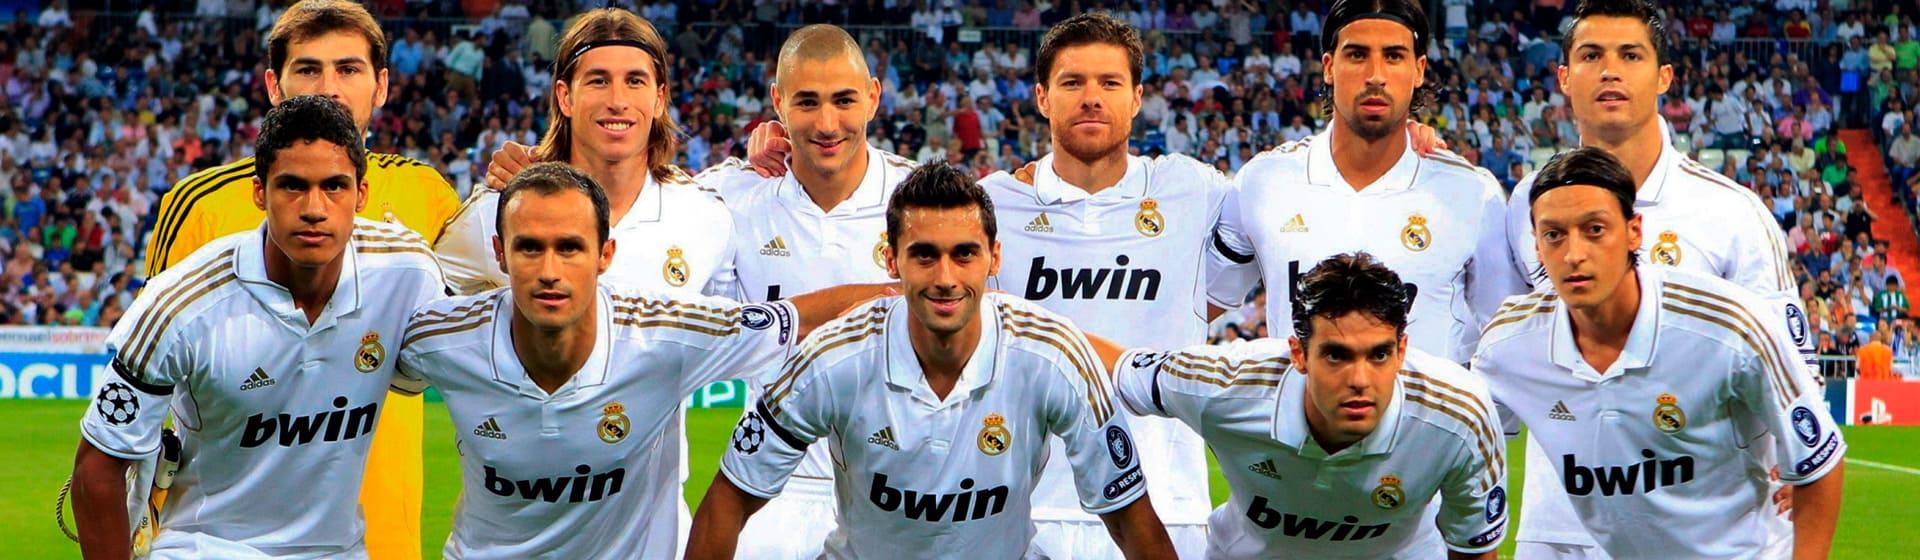 FC Real Madrid - Мерч и одежда с атрибутикой